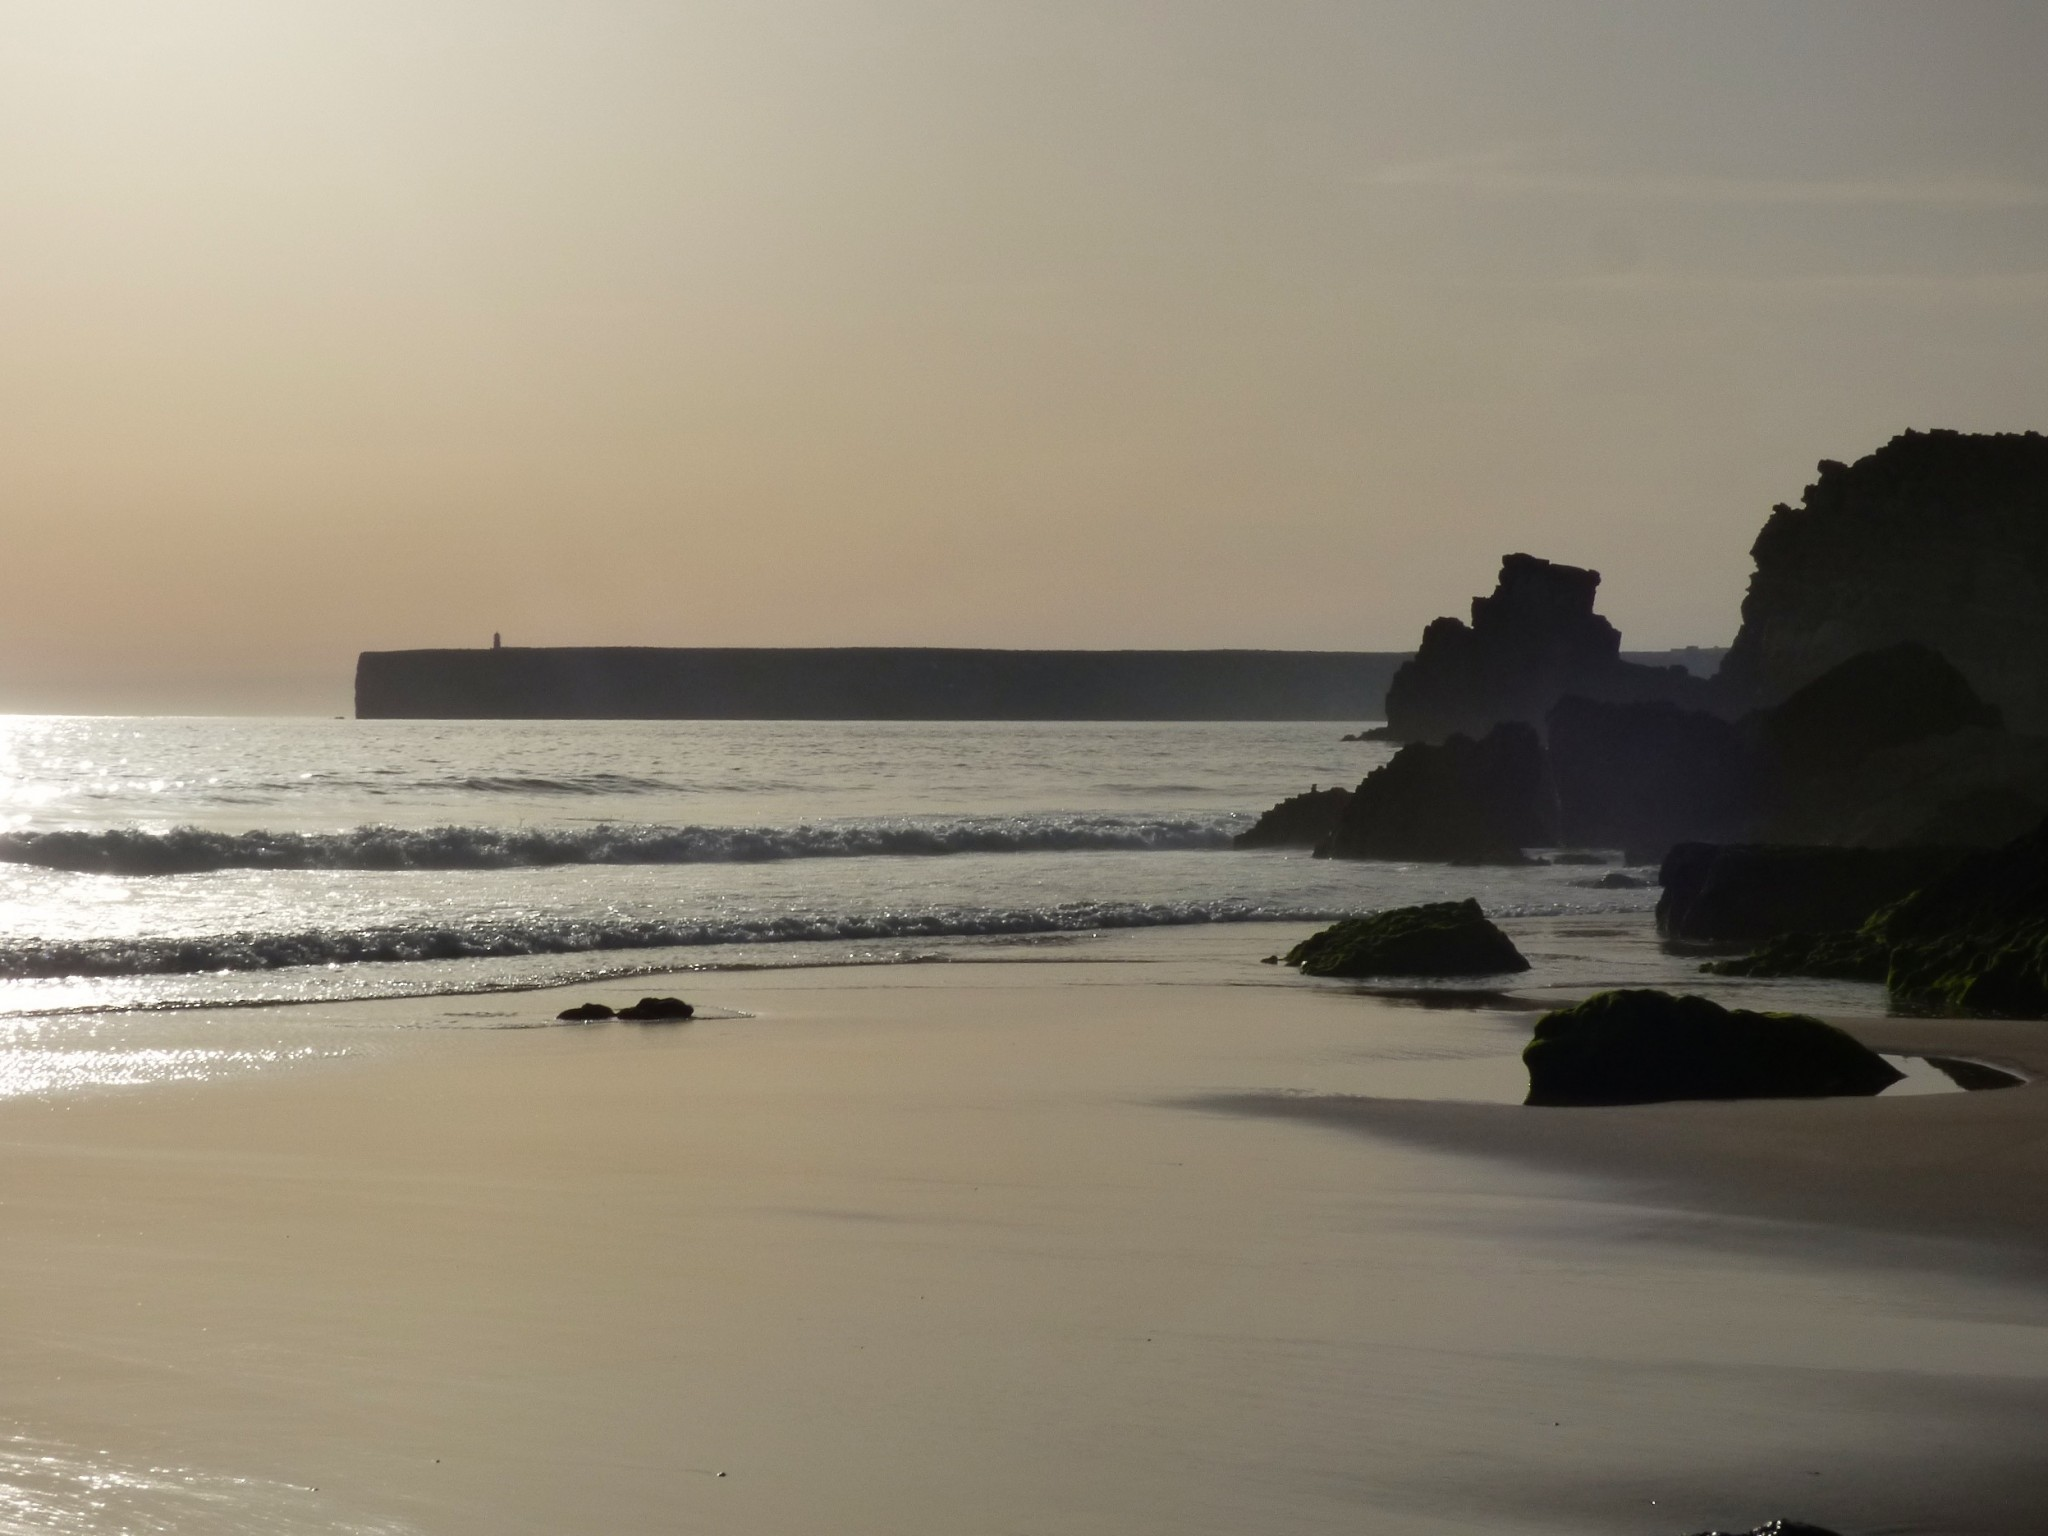 Praia Do Tonel Sagres Algrve